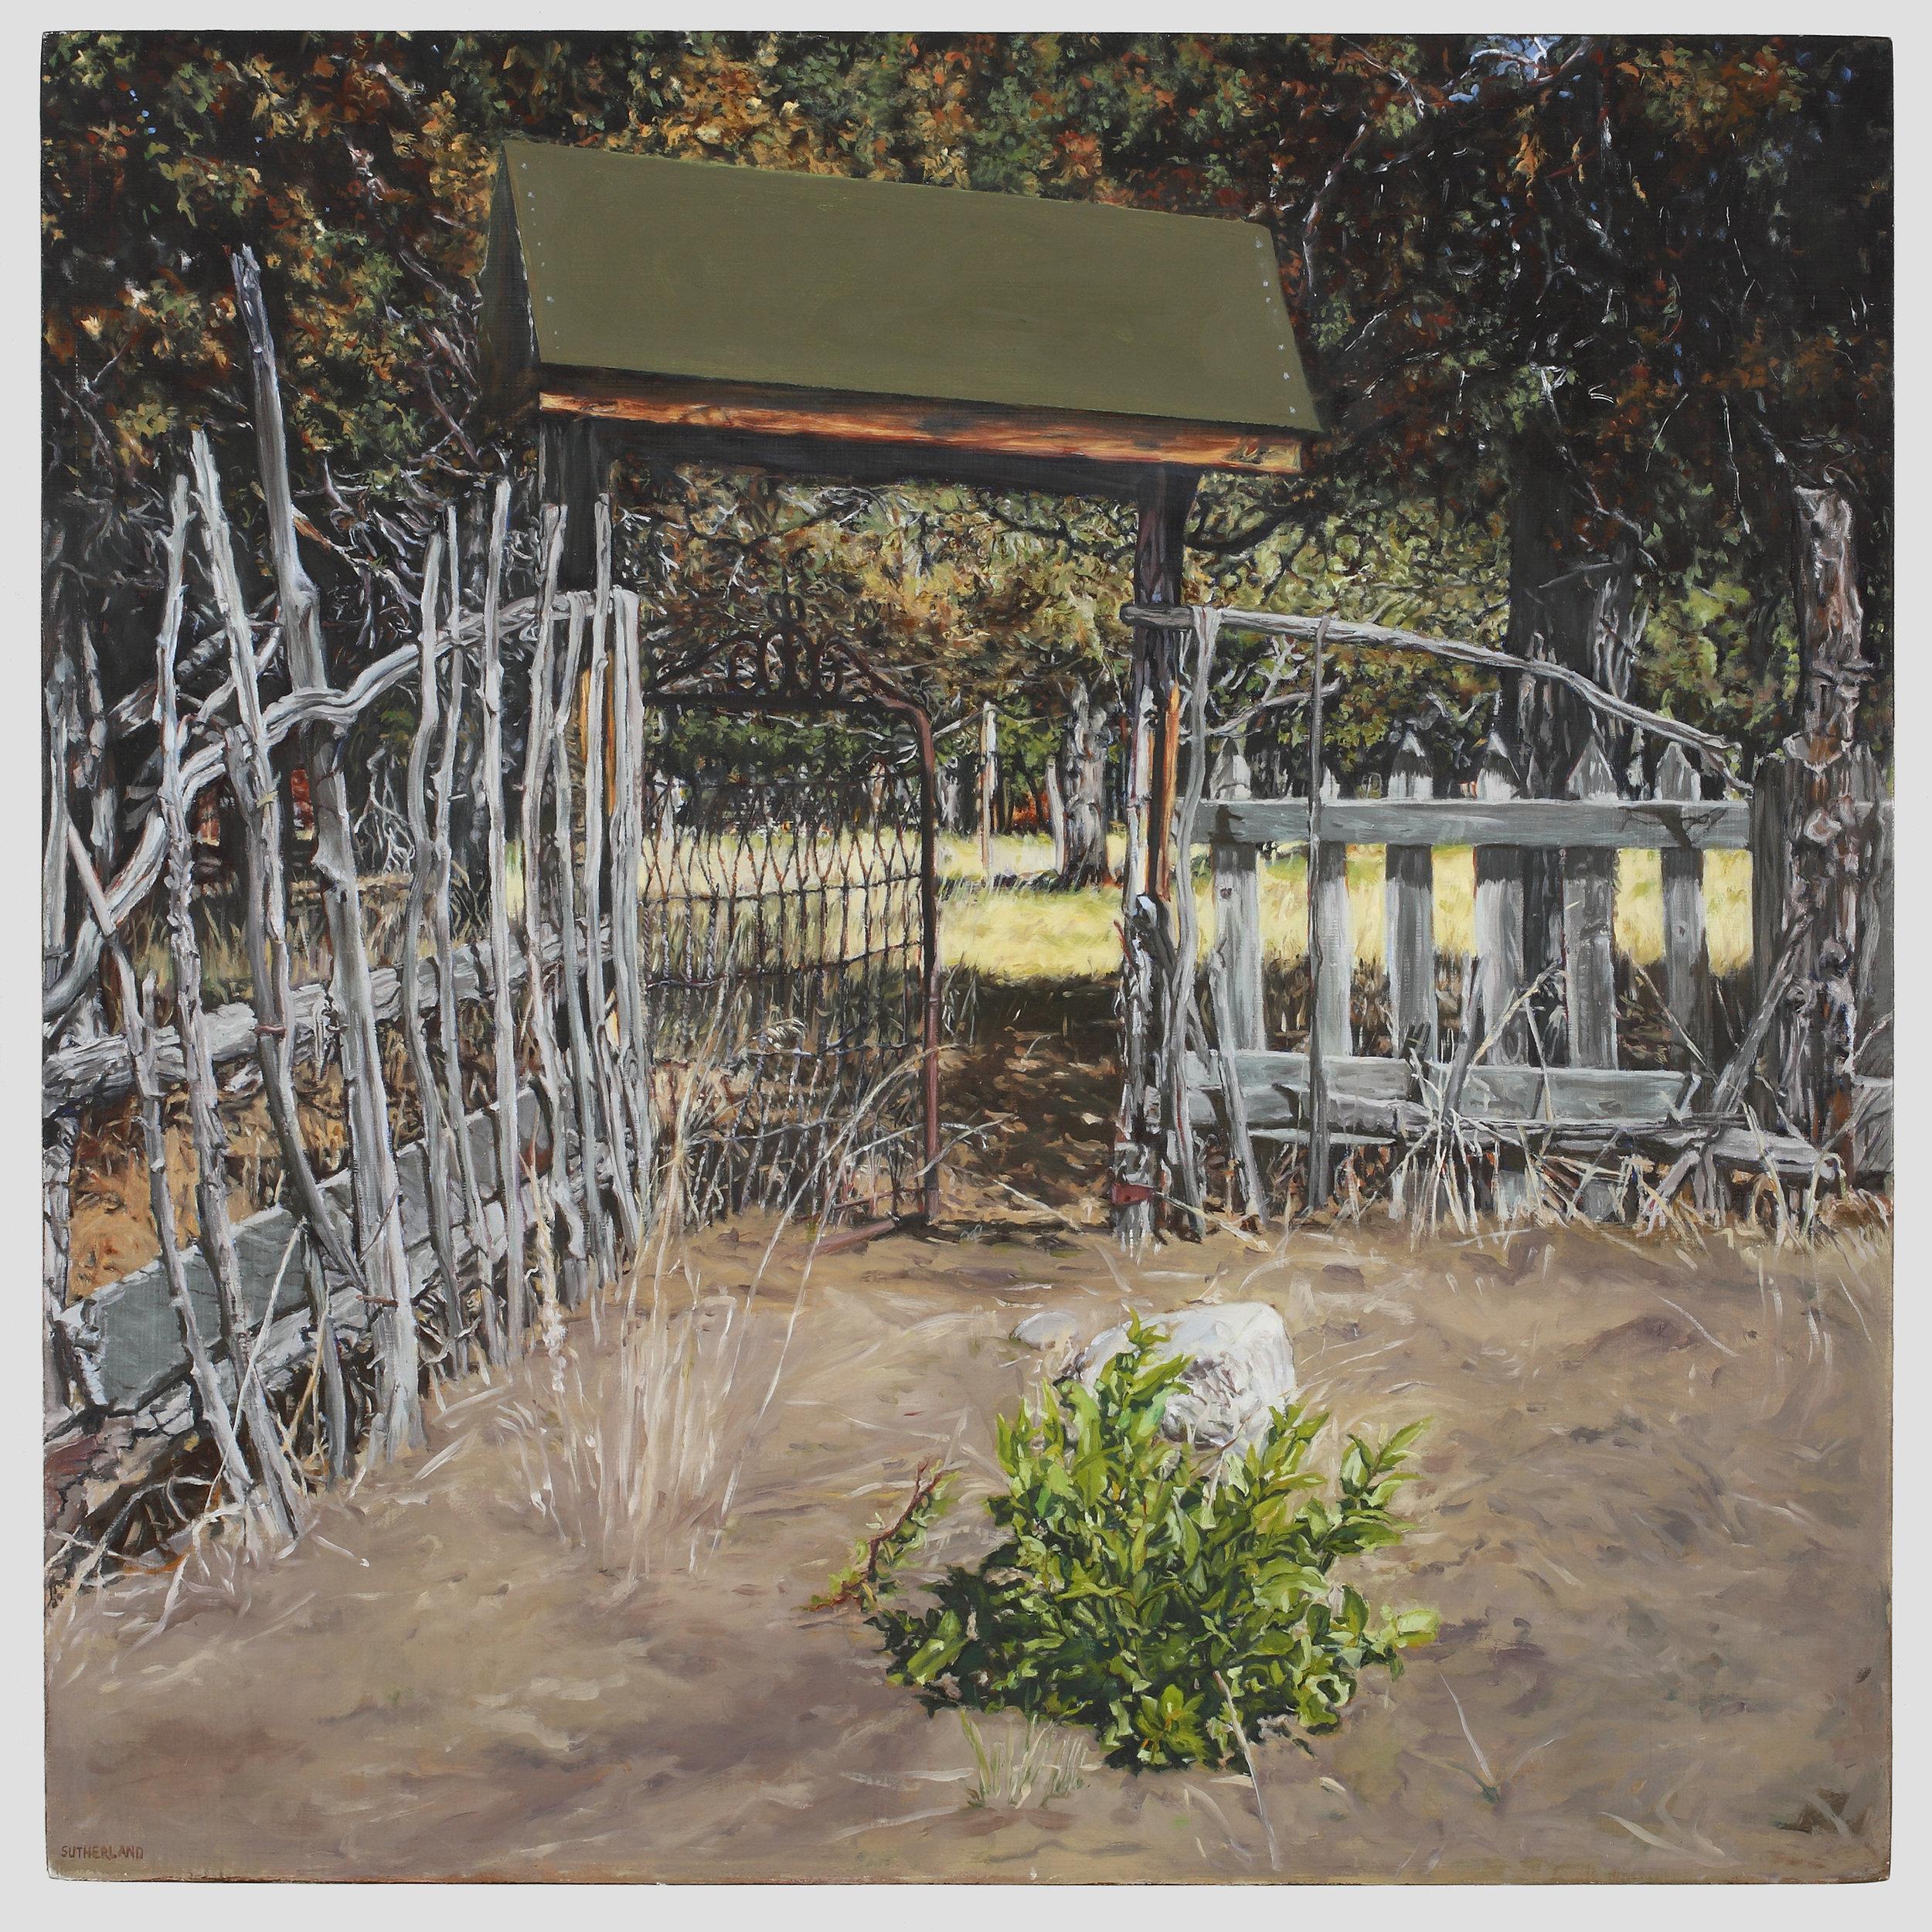 Fence in Crestone Colorado